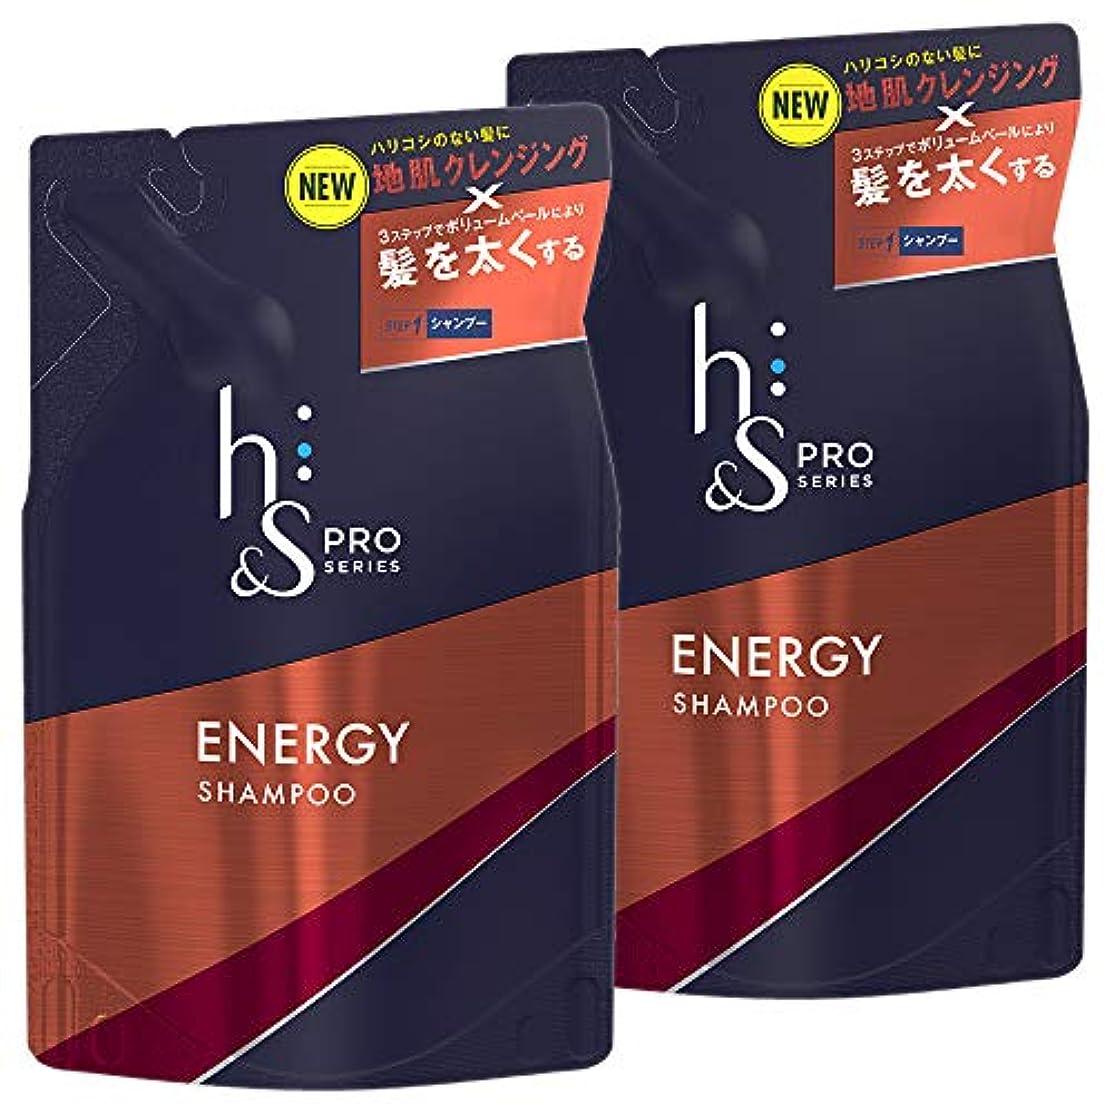 歌リッチいつか【まとめ買い】 h&s for men シャンプー PRO Series エナジー 詰め替え 300mL×2個